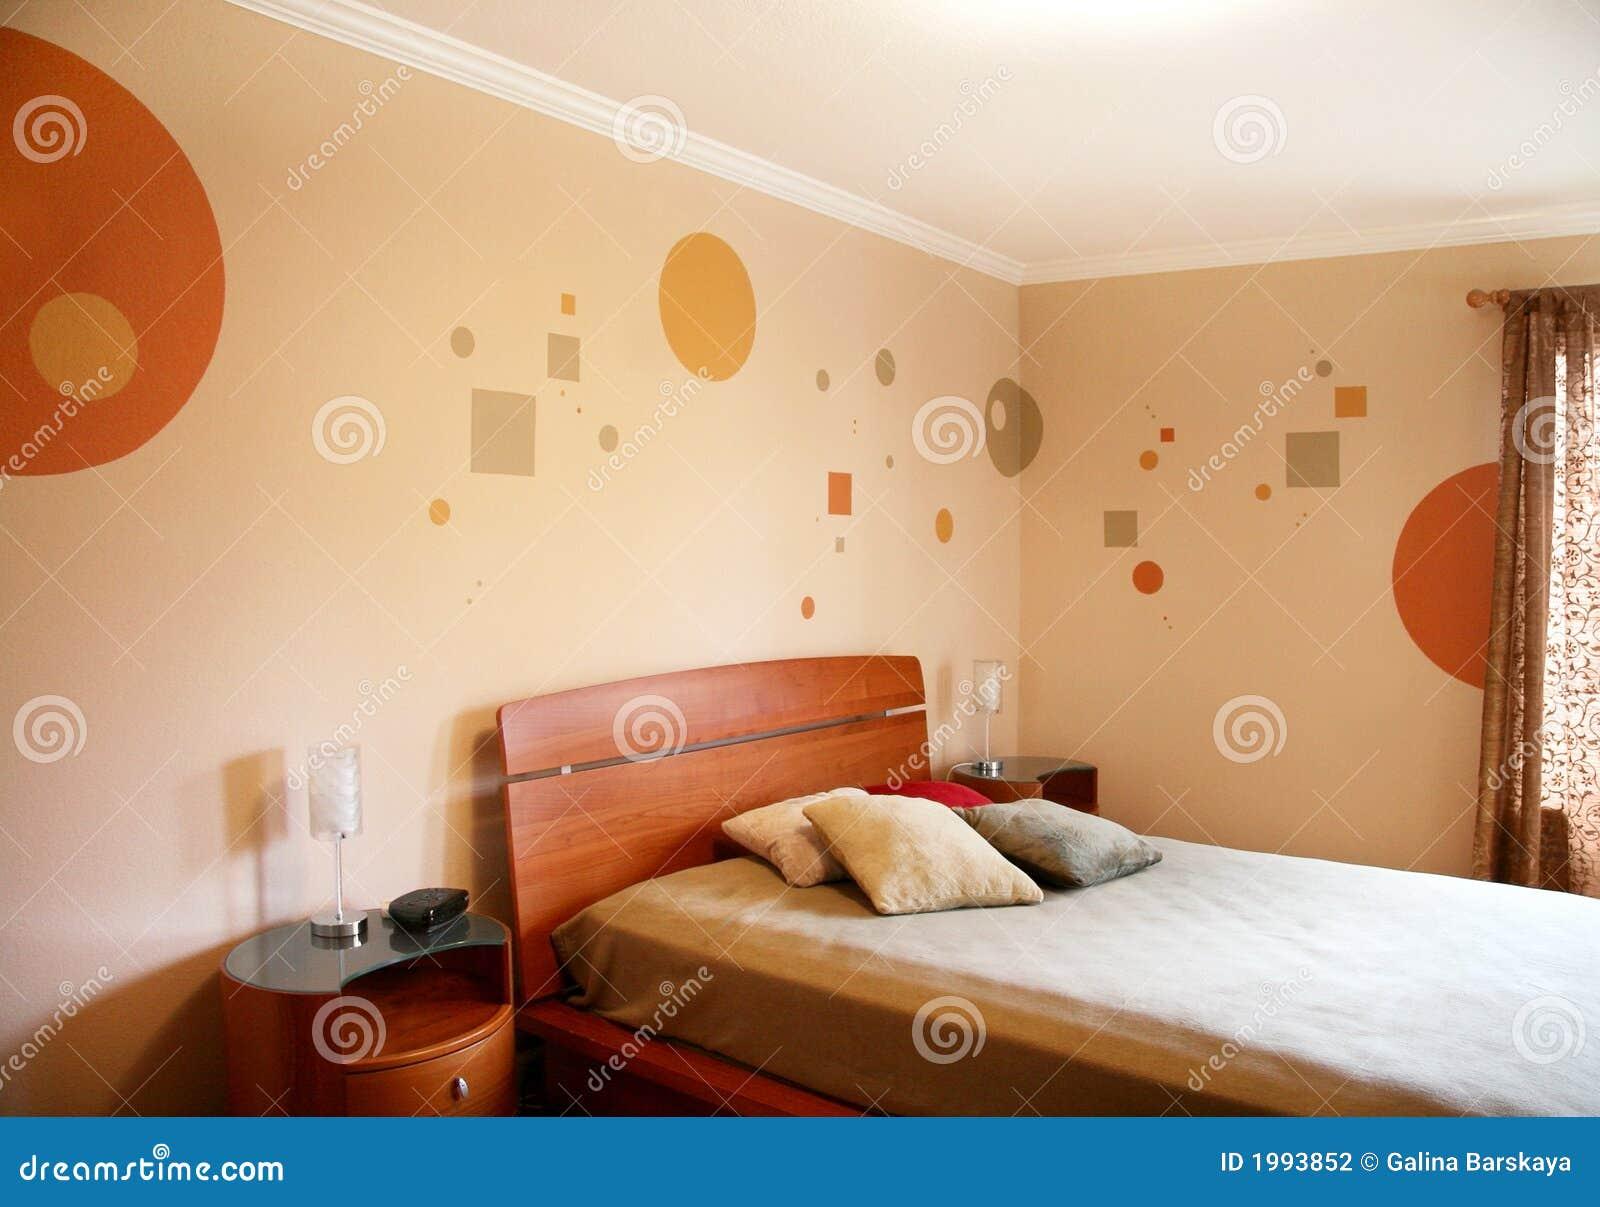 Disegno in camera da letto moderna fotografia stock - Bagiu per camera da letto ...